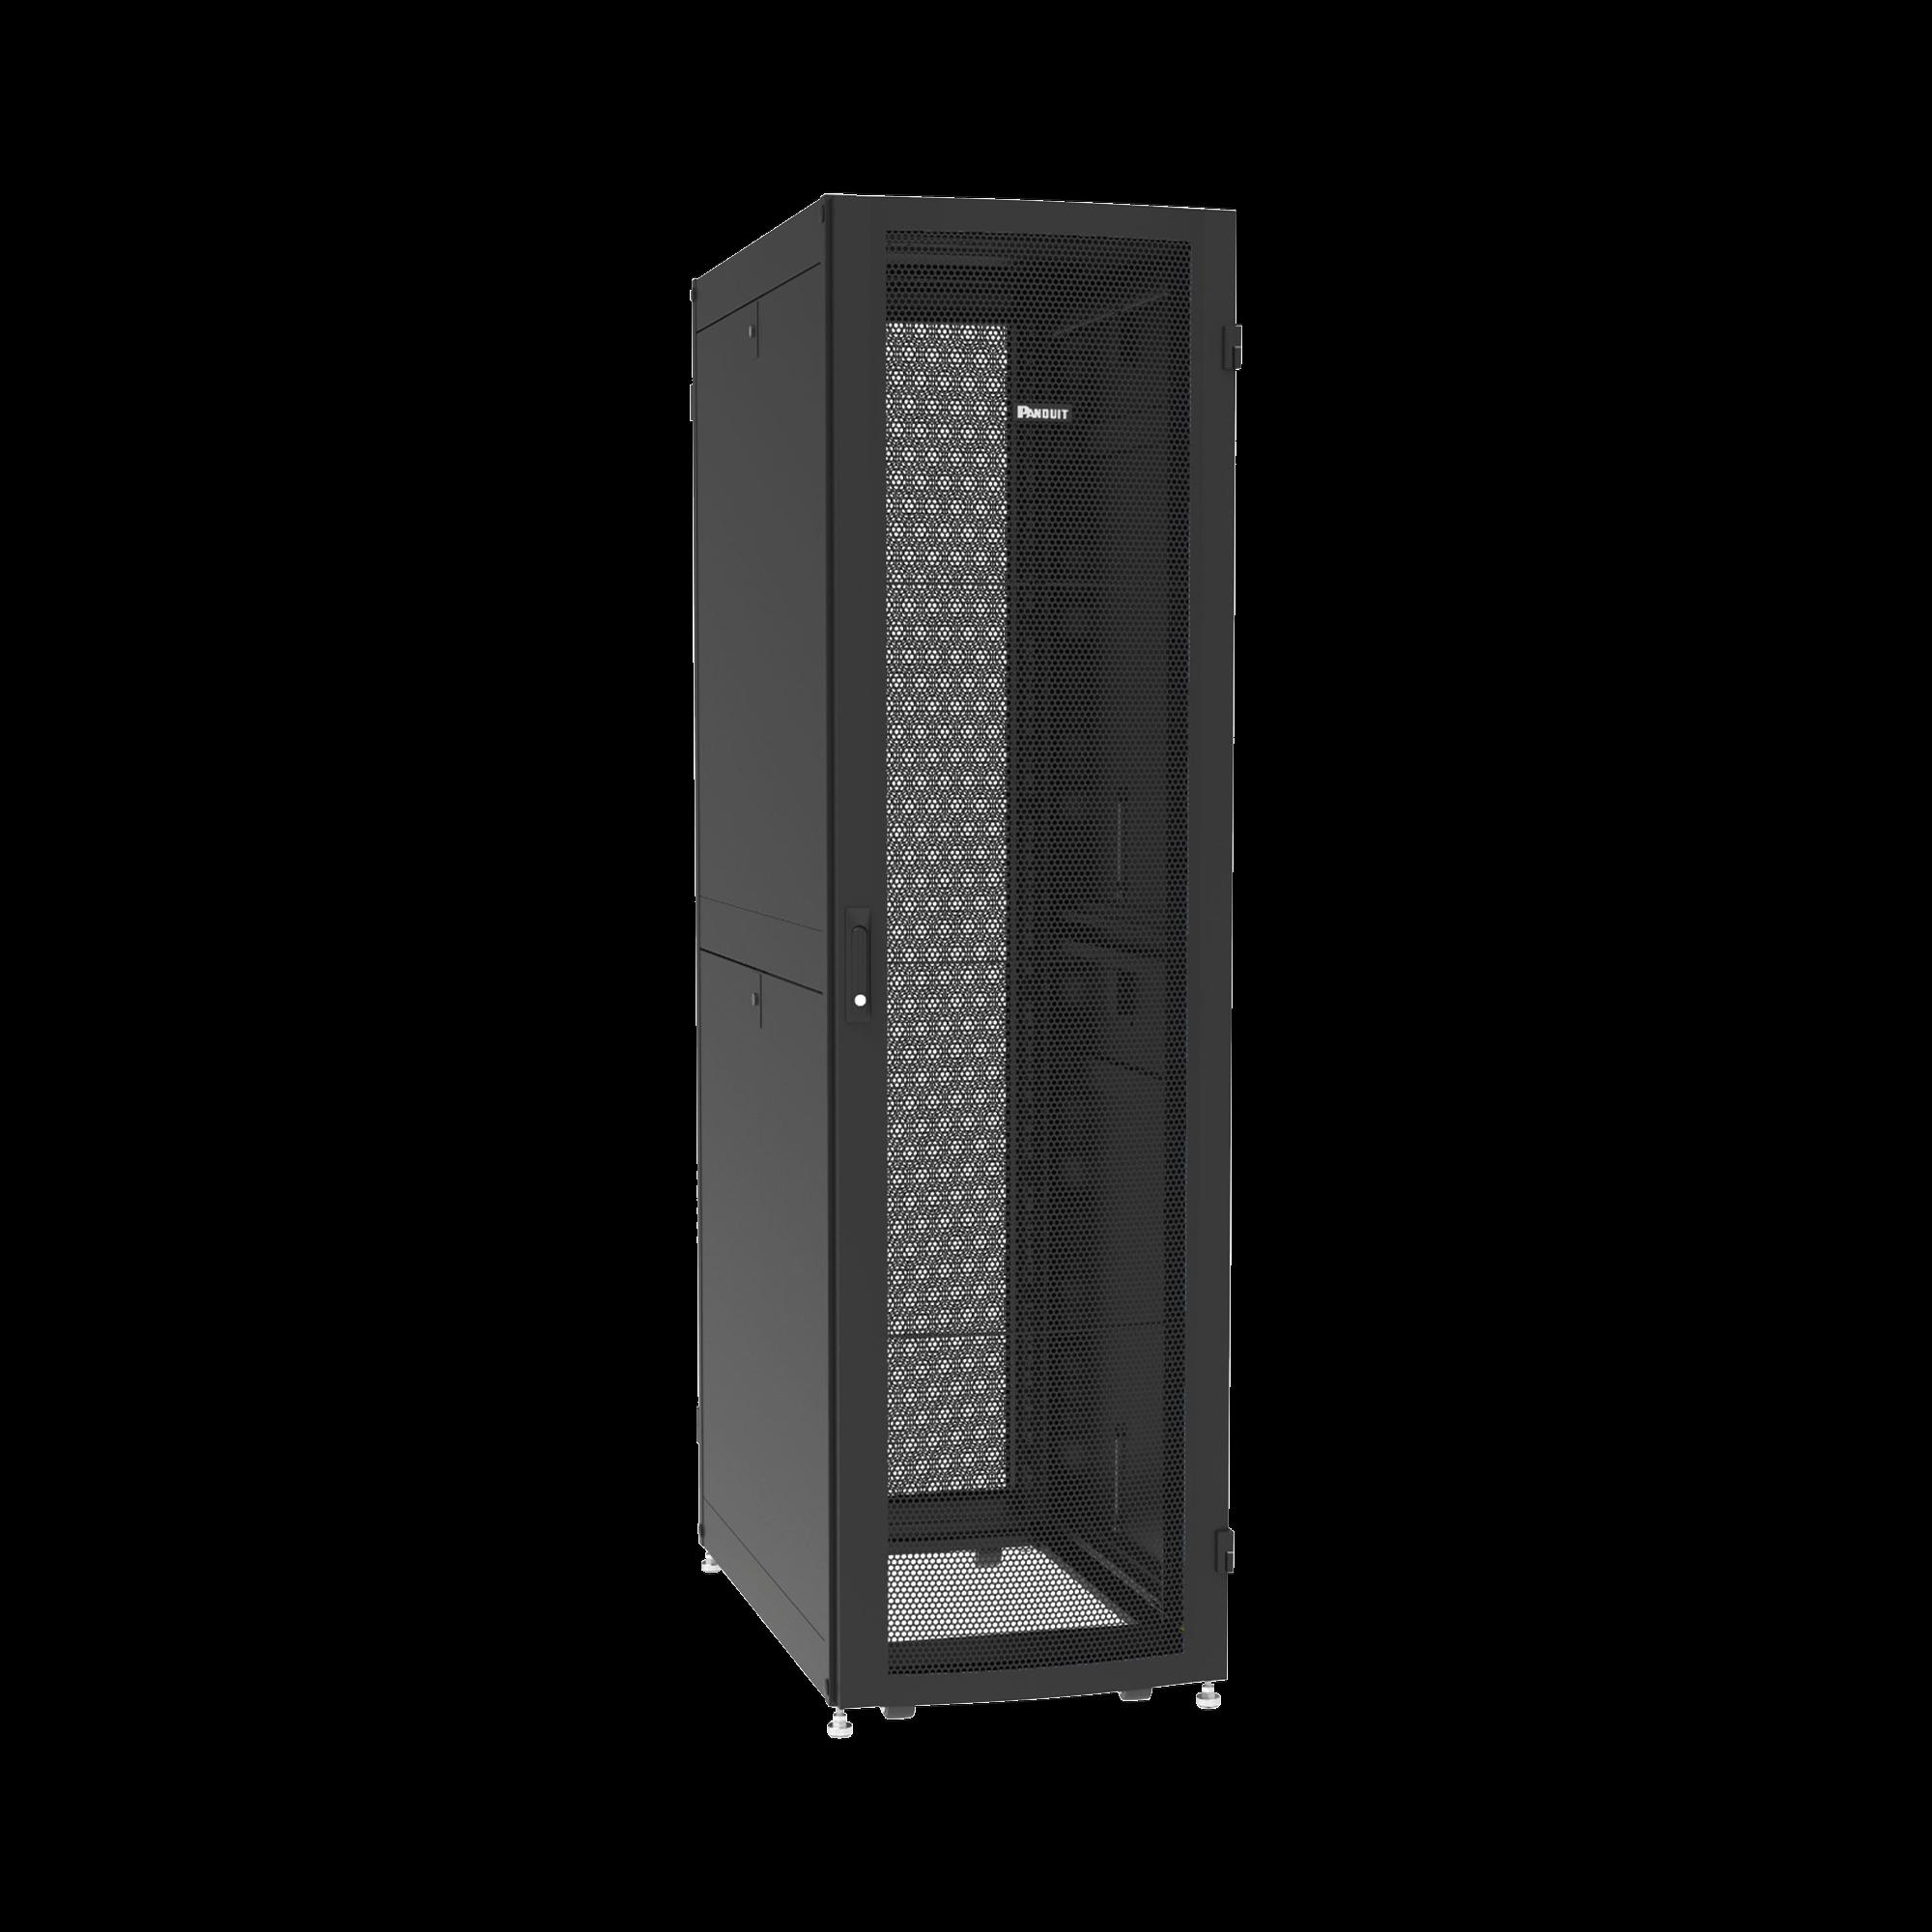 Gabinete Net-Verse para Centros de Datos, 42UR, 600mm de Ancho, 1200mm de Profundidad, Fabricado en Acero, Color Negro